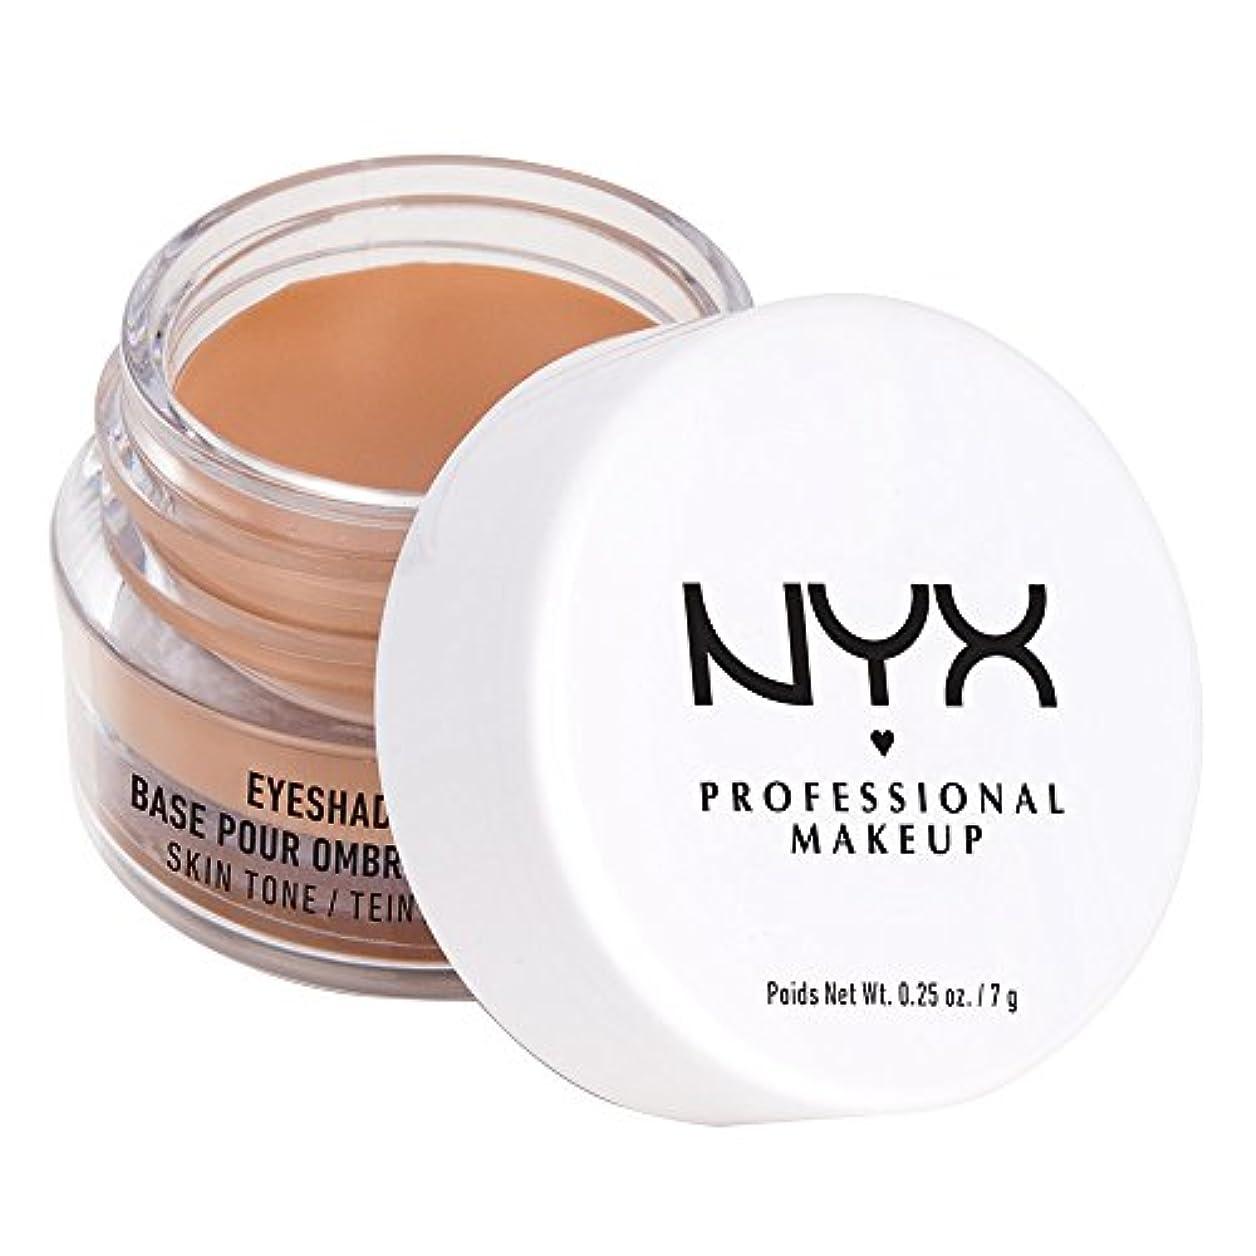 NYX(ニックス) アイシャドウ ベース A 03 カラースキン トーン